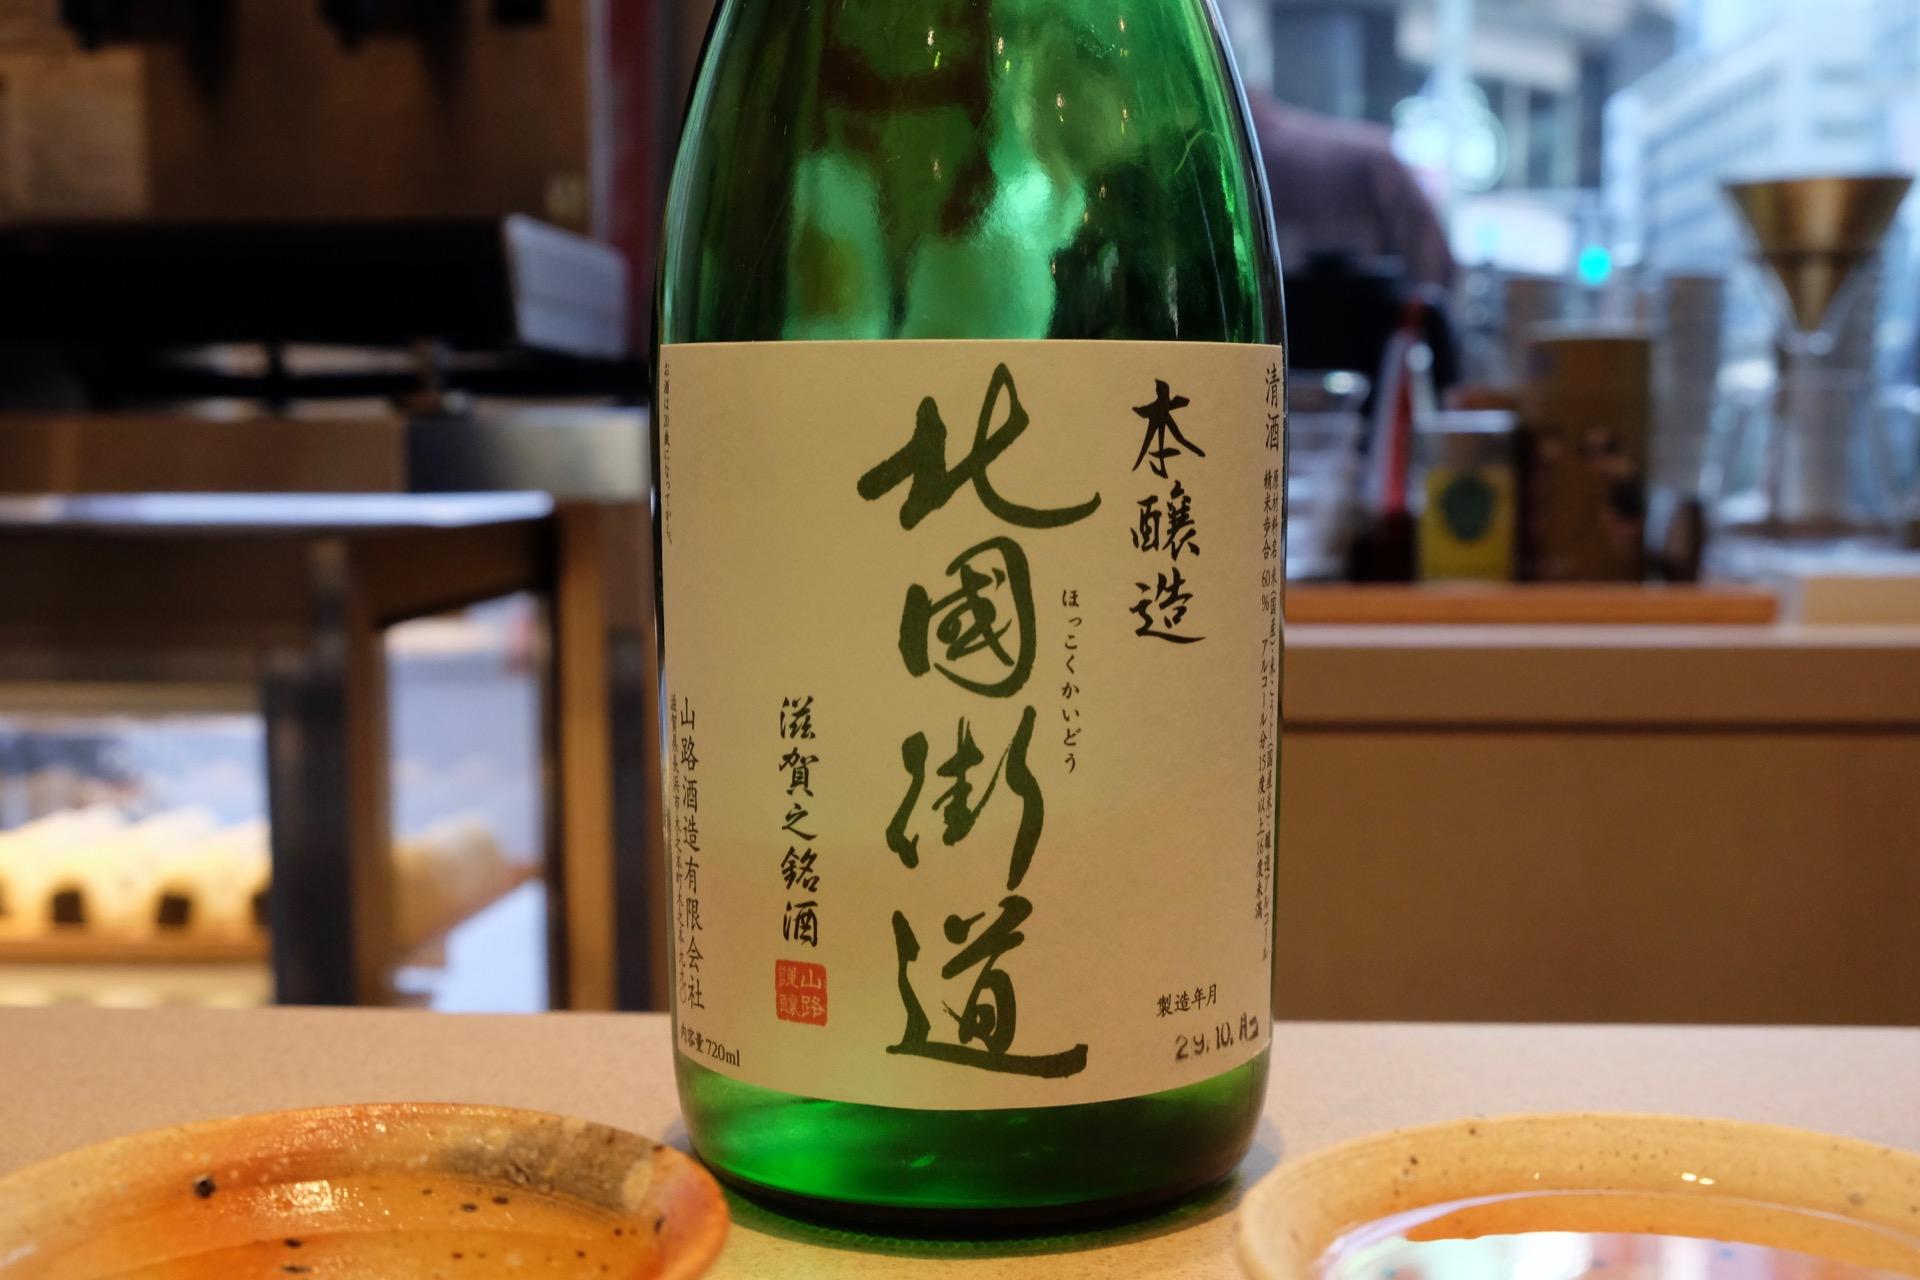 本醸造 北國街道(ほっこくかいどう)|日本酒テイスティングノート